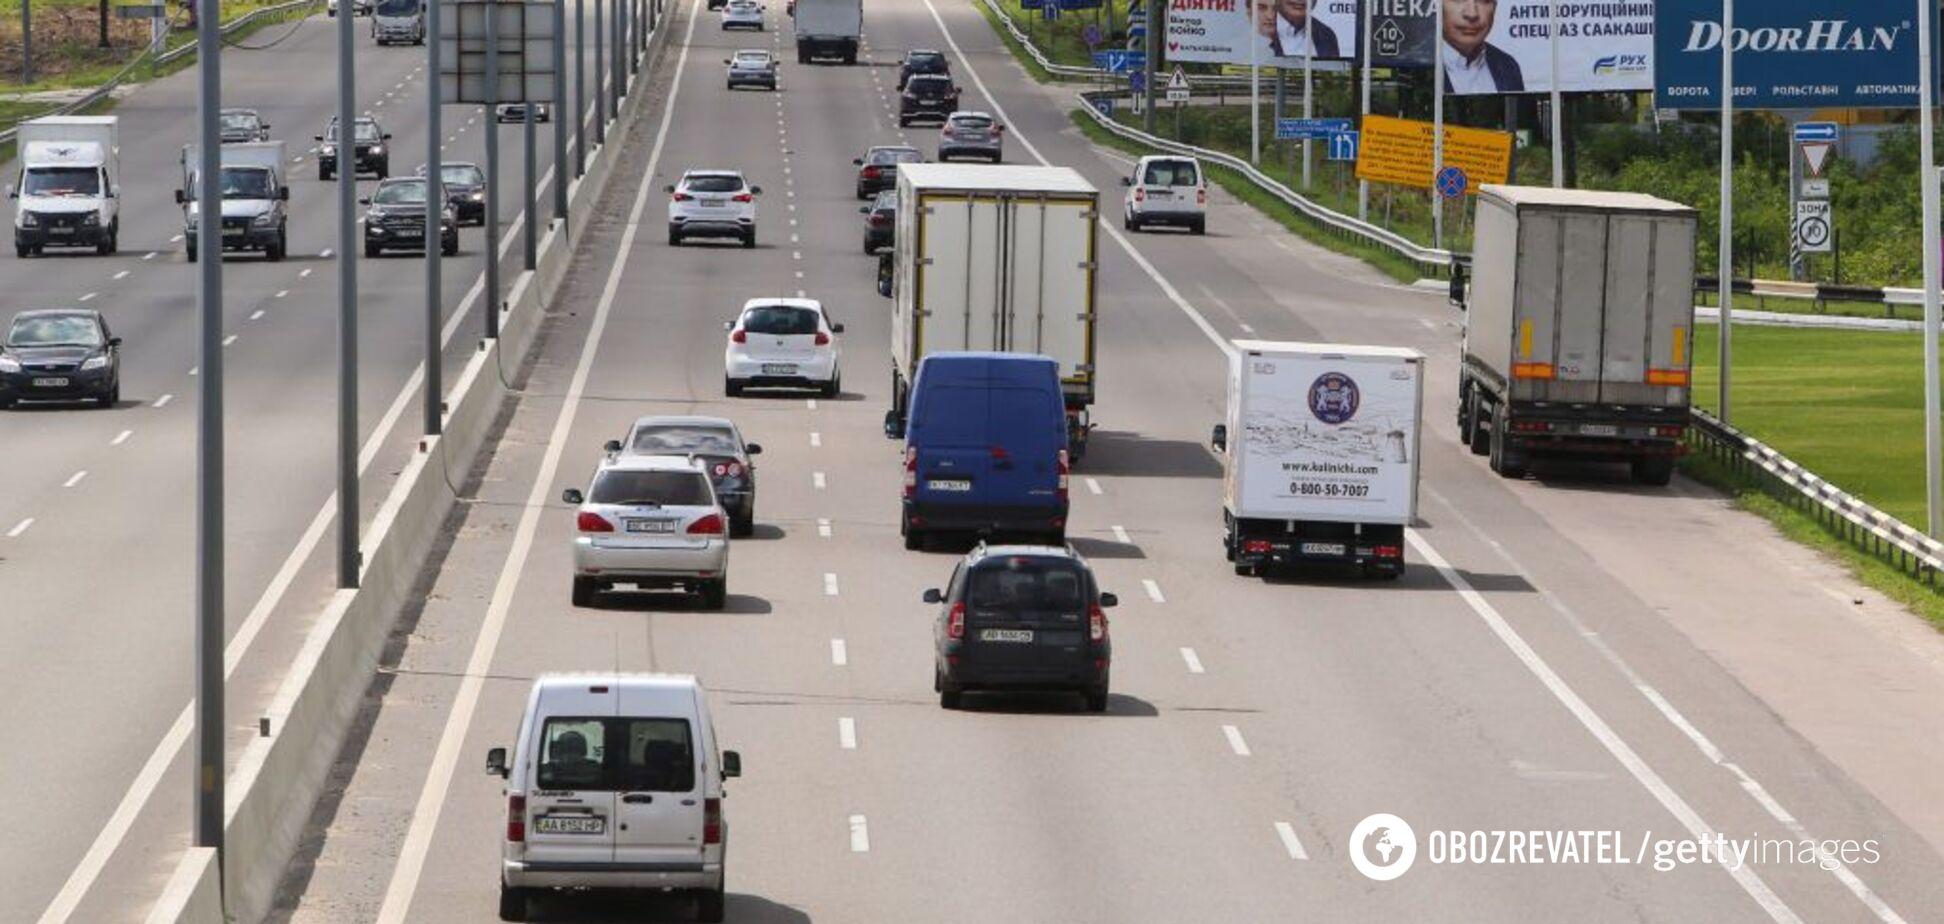 Рада змінила правила дорожнього руху: кого стосуватиметься